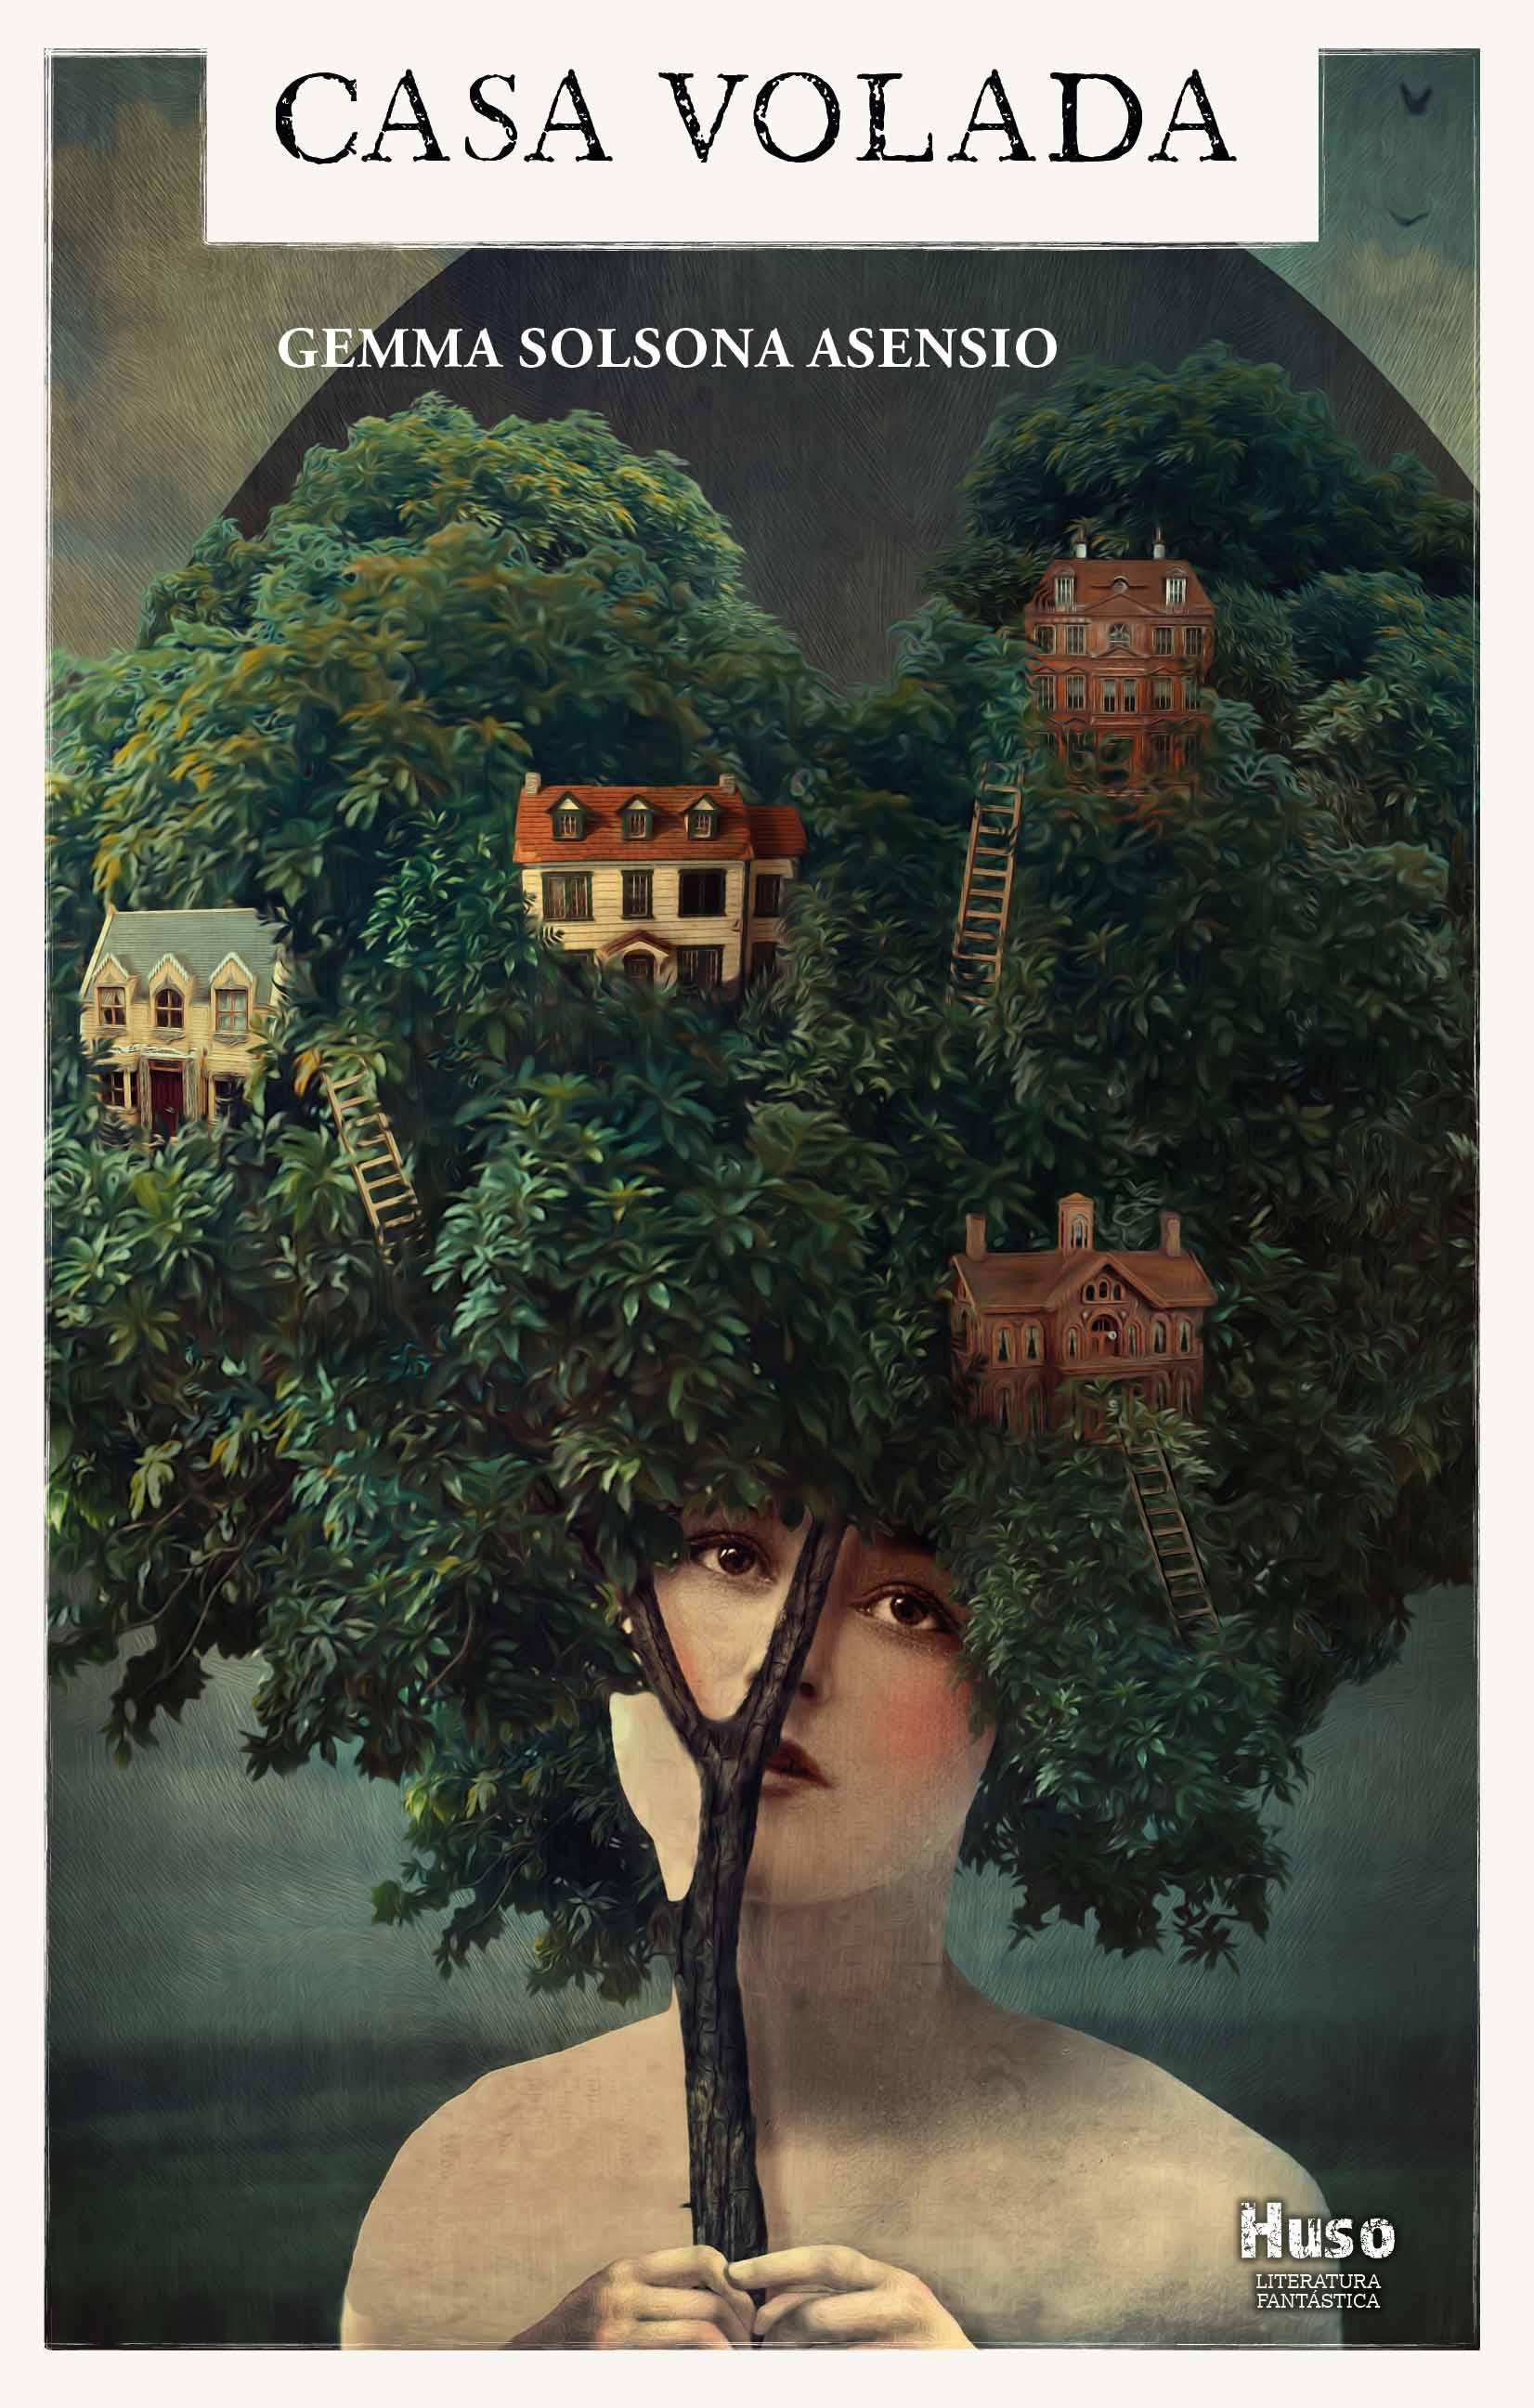 Gemma Solsona escribe 'Casa volada', un libro con la magia de los grandes cuentistas